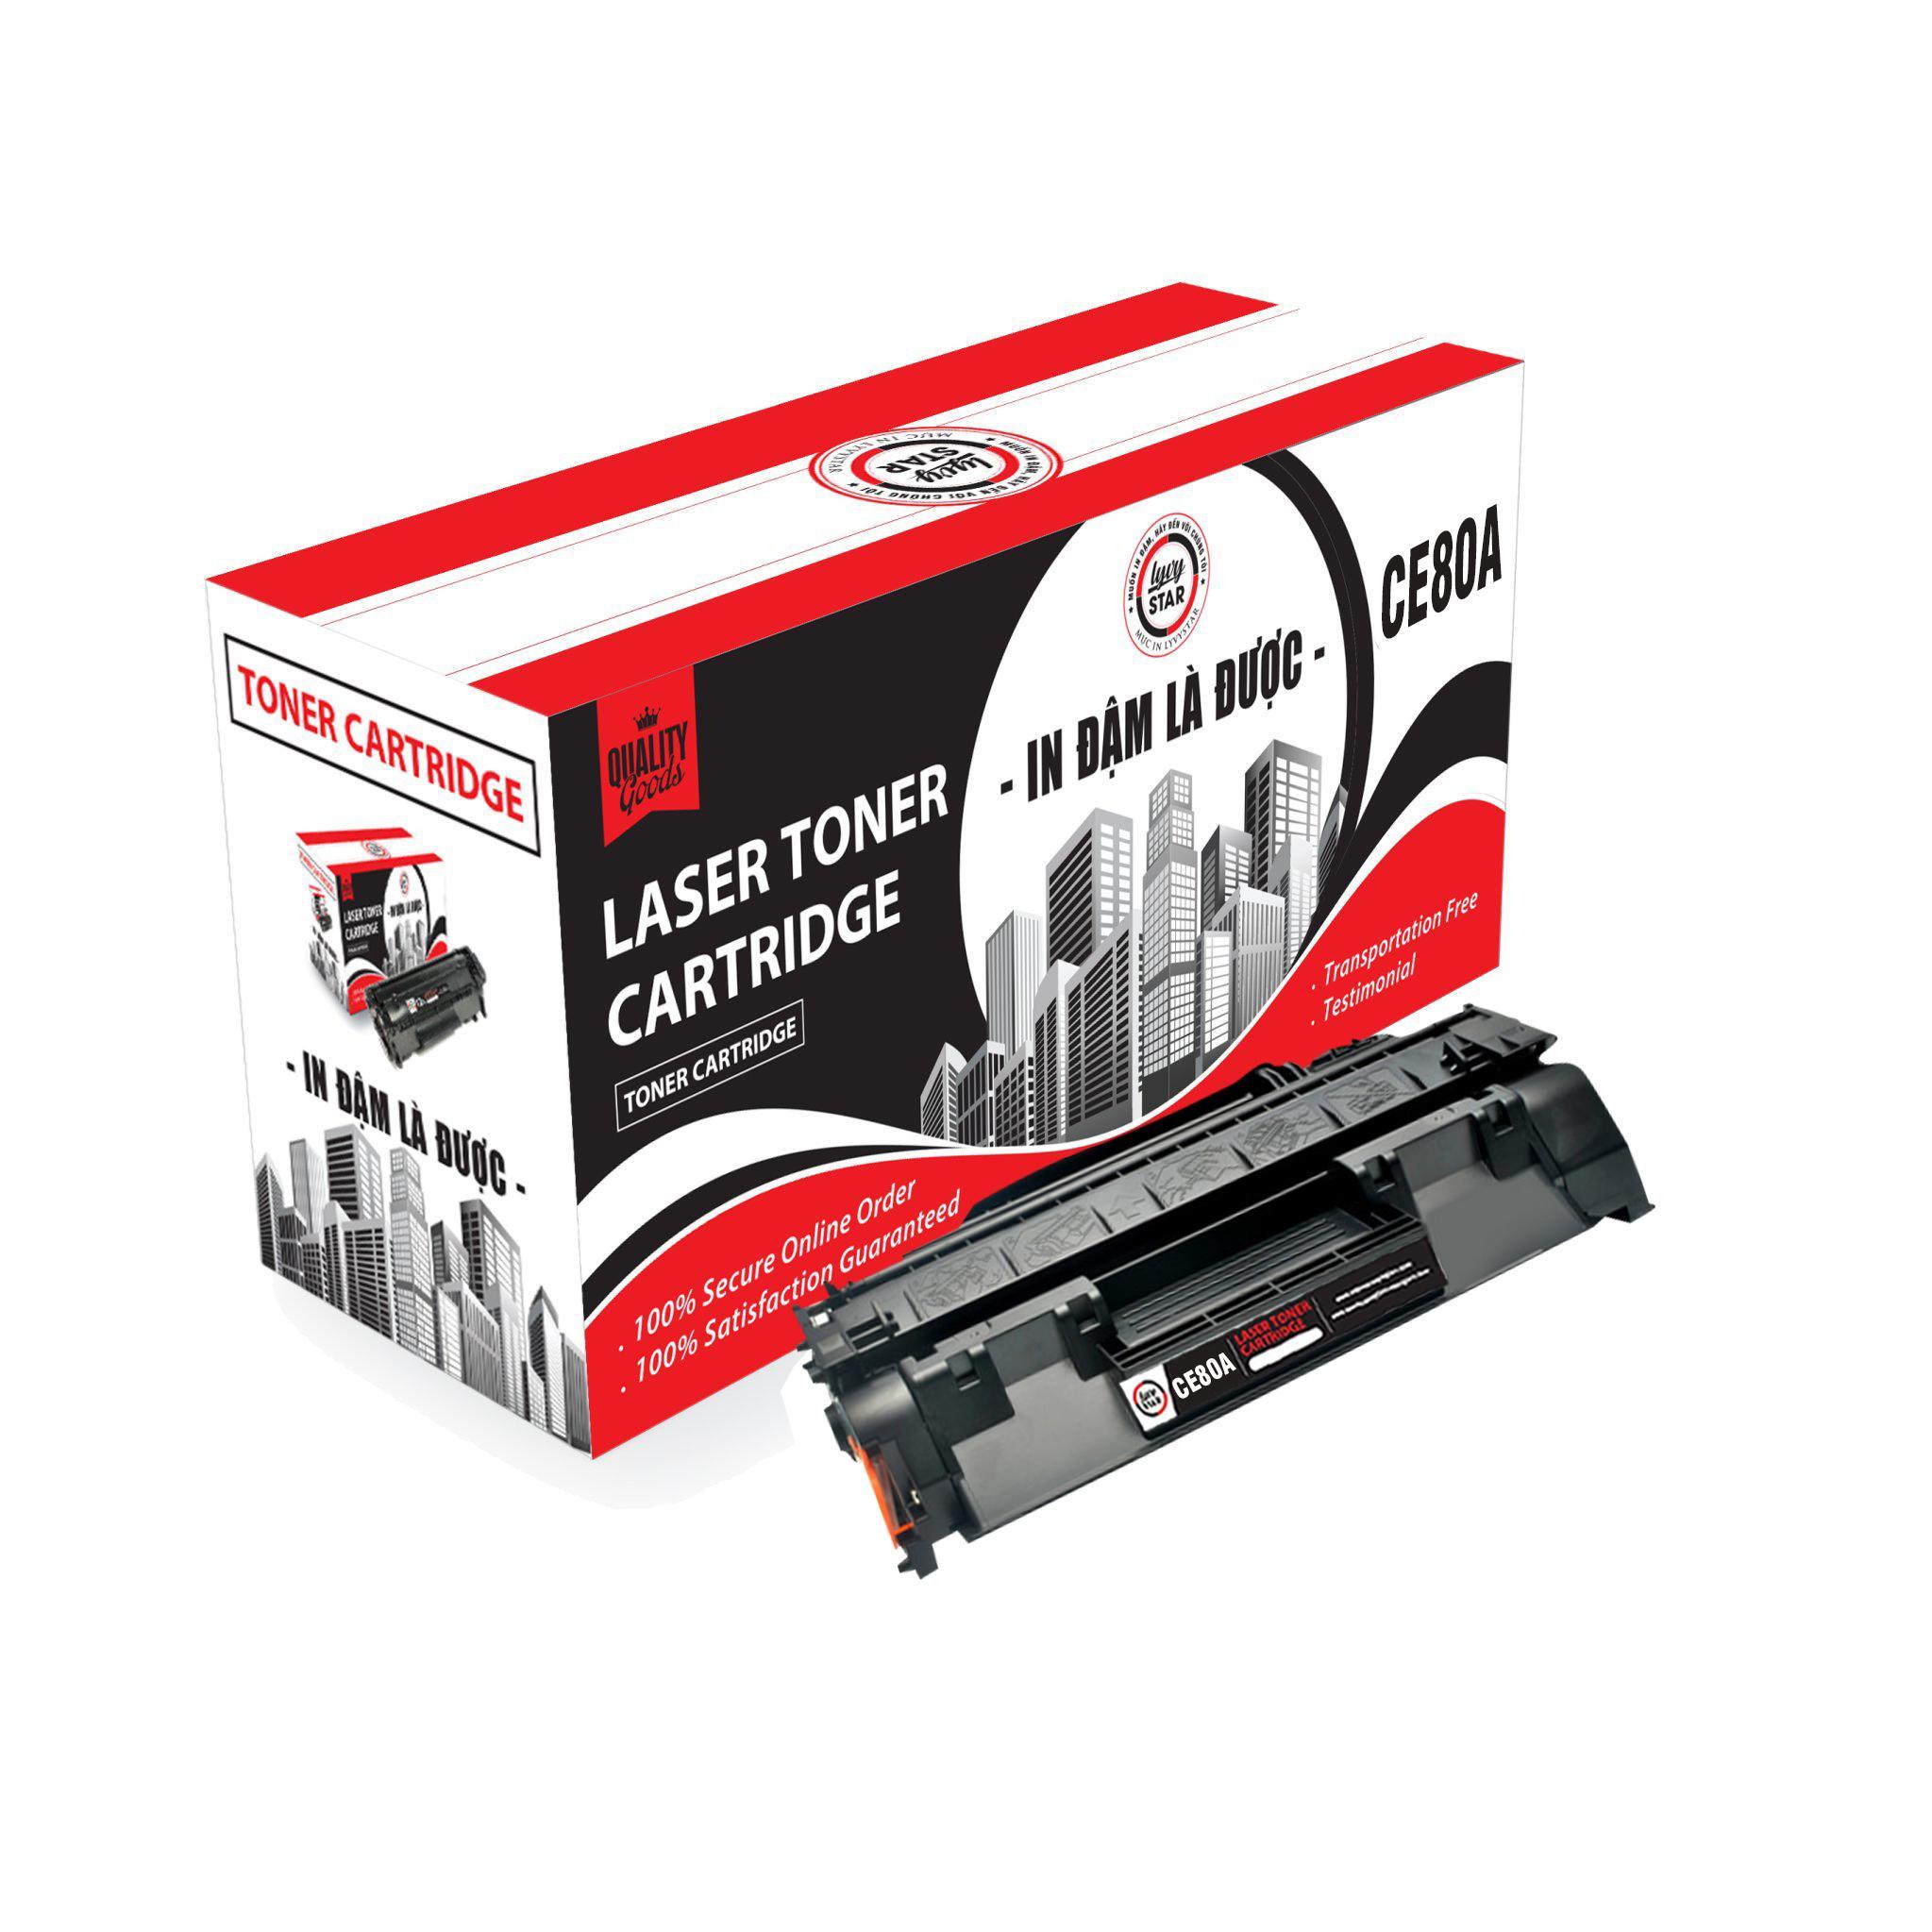 Hộp Mực in Lyvystar Laser CF280A Dùng cho máy in - Hàng Chính Hãng